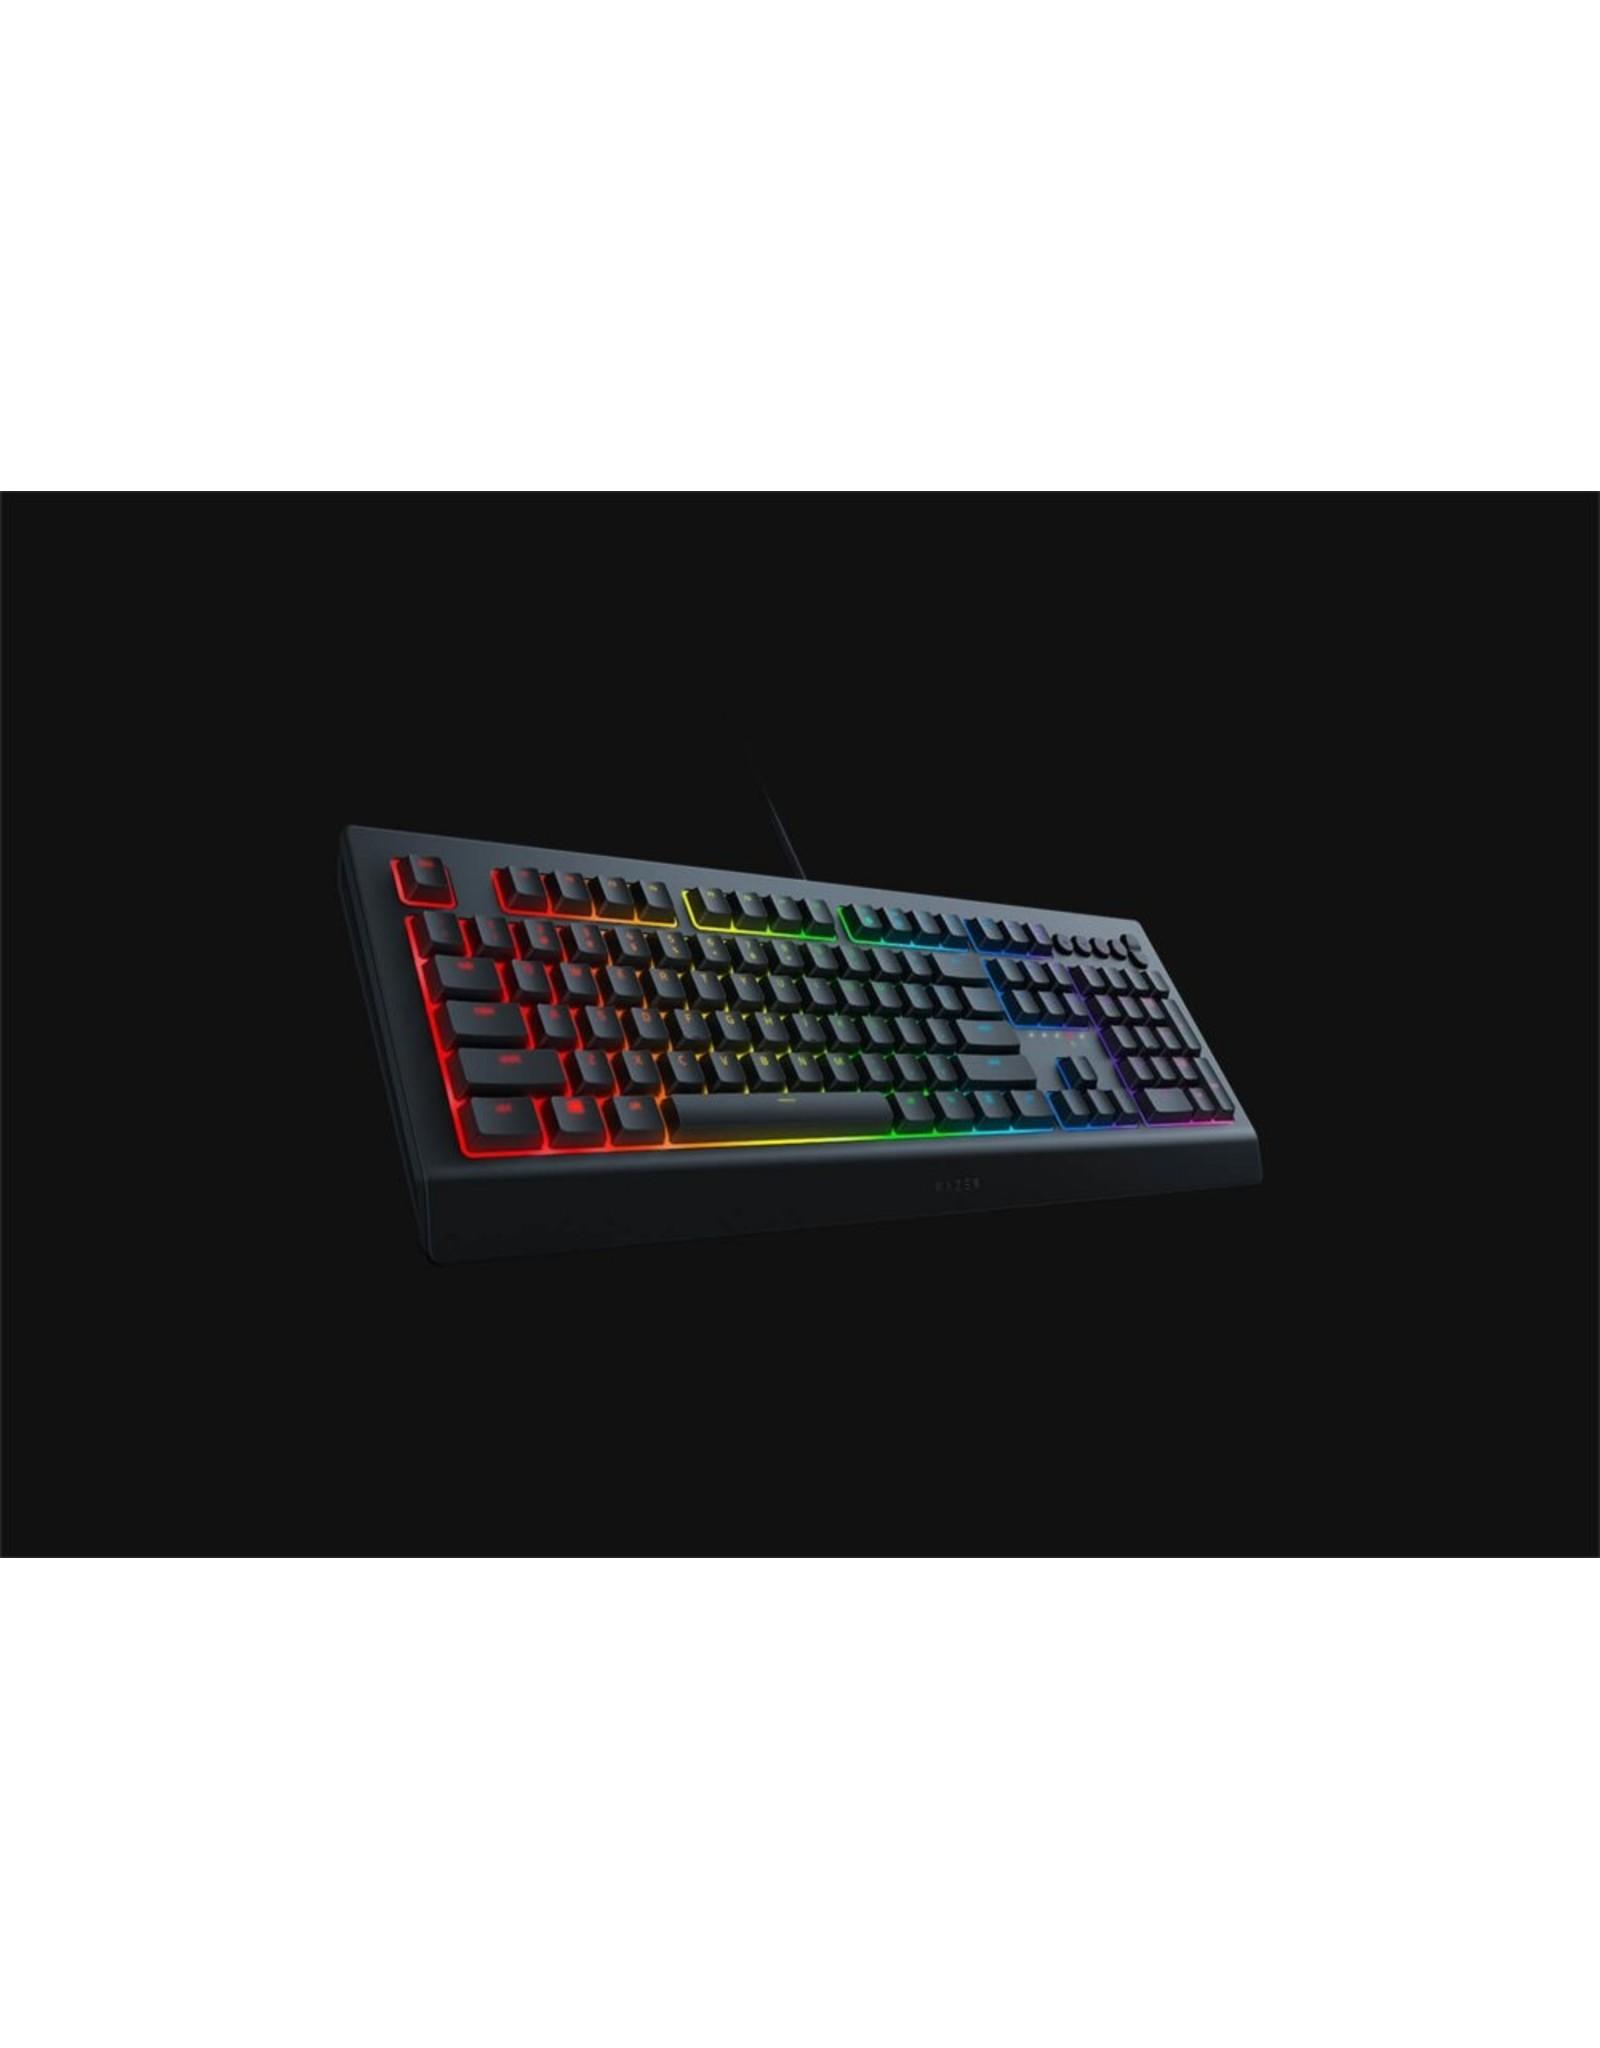 Razer Cynosa V2 (Qwerty US) Gaming Keyboard